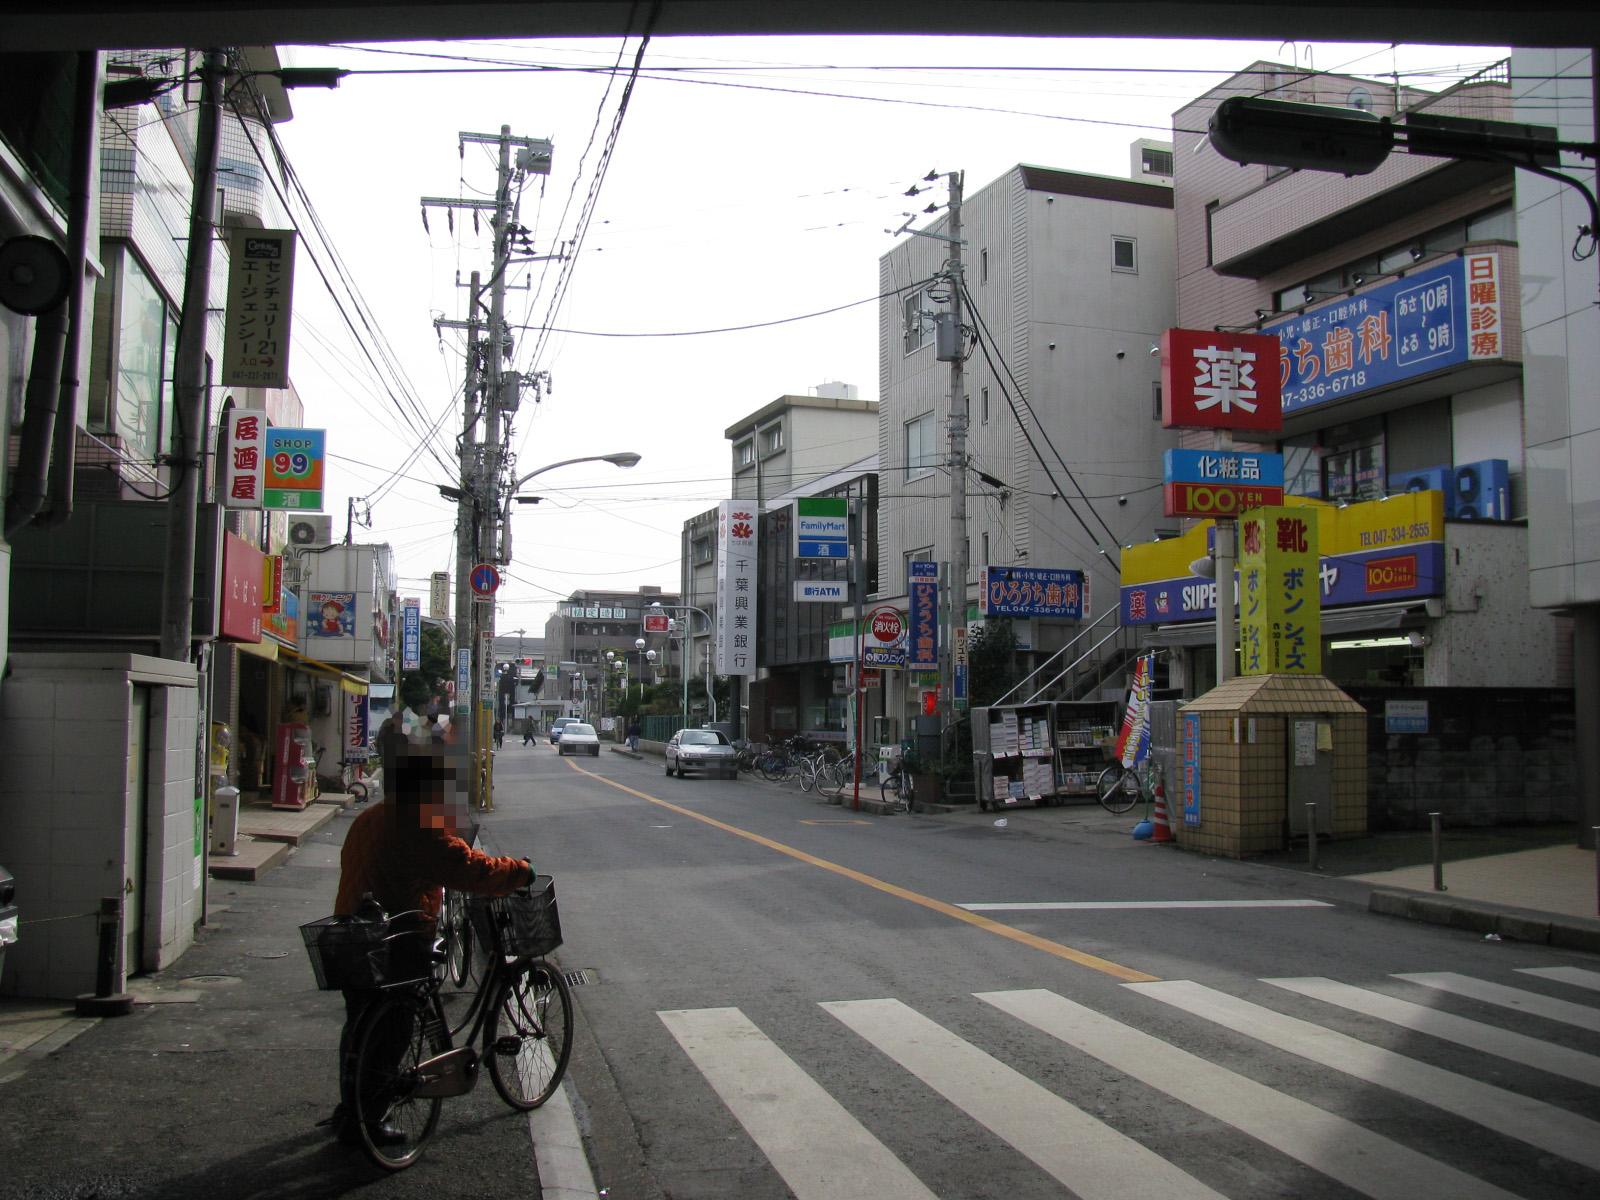 原木 中山 file:tokyo metro baraki-nakayama sta 004 - 维基百科,自由的百科全书